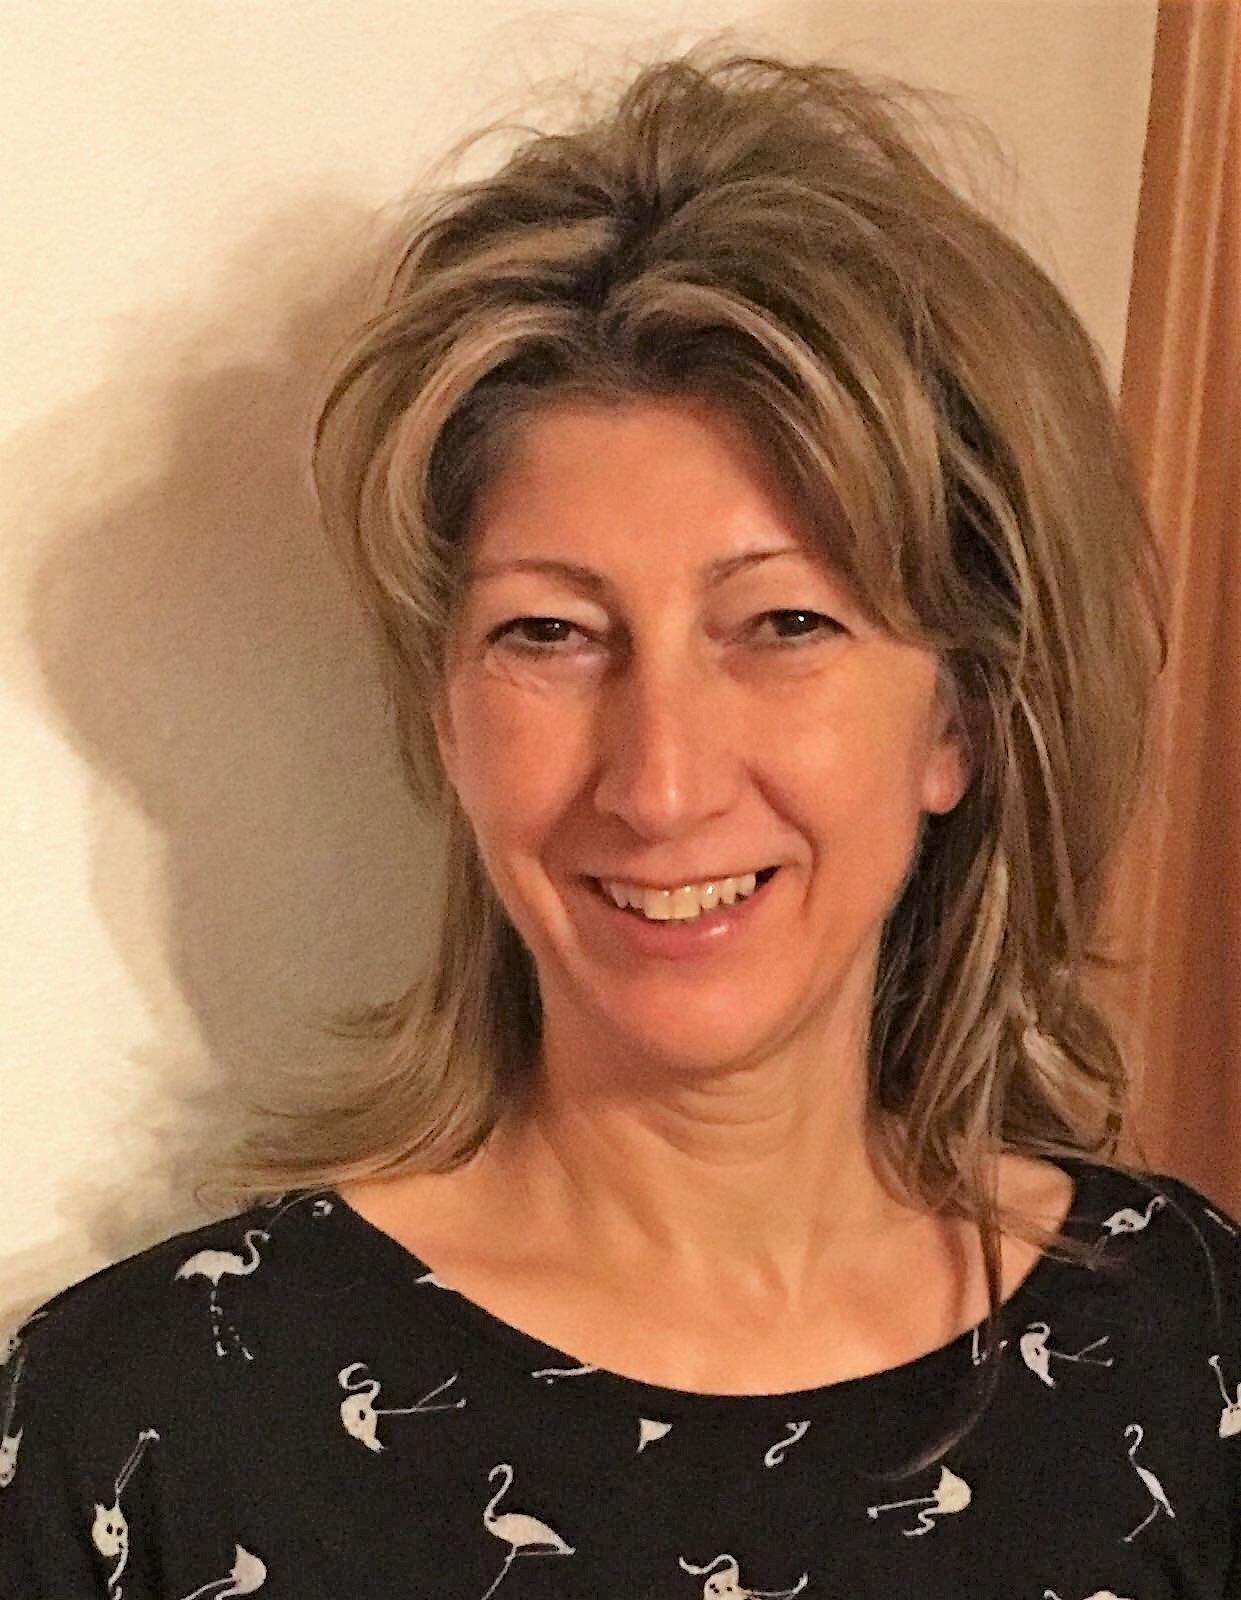 Manuela Hösele